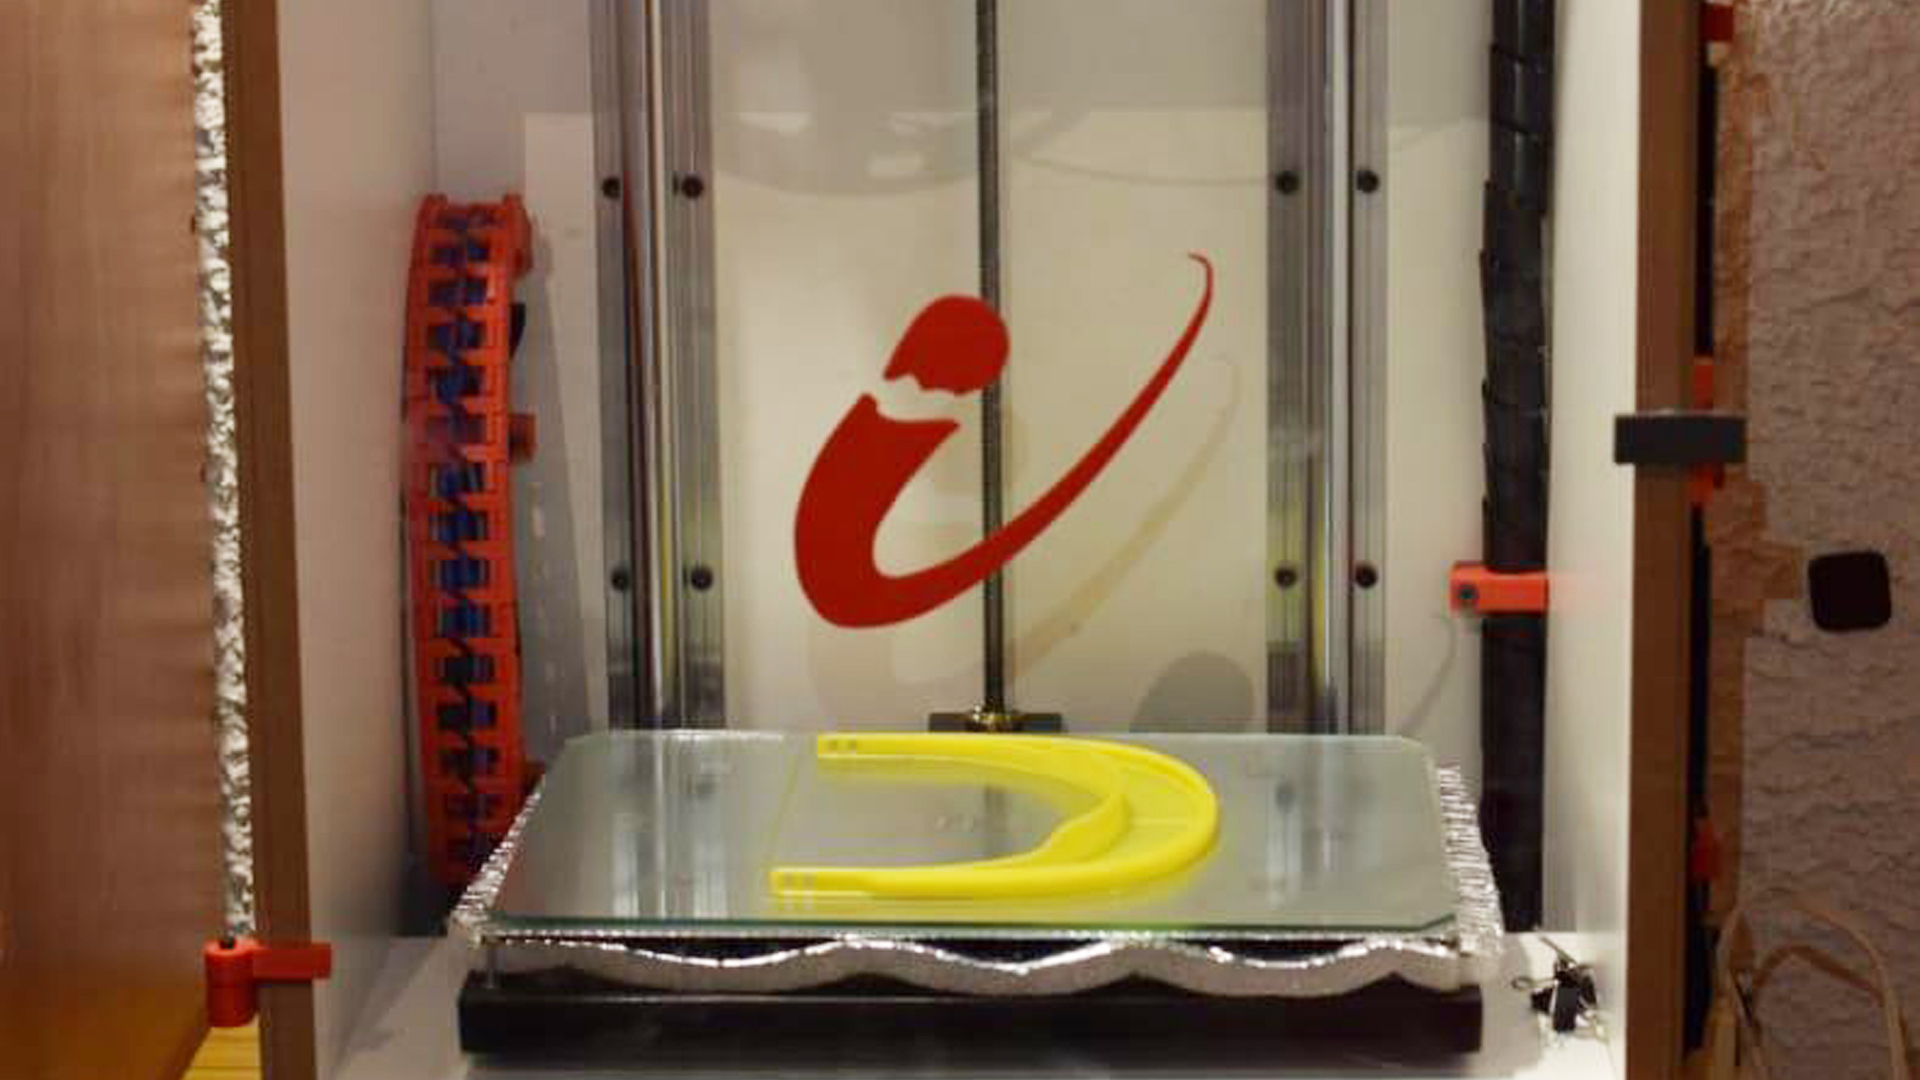 CNEA: Los centros atómicos fabrican protectores faciales por impresión 3D